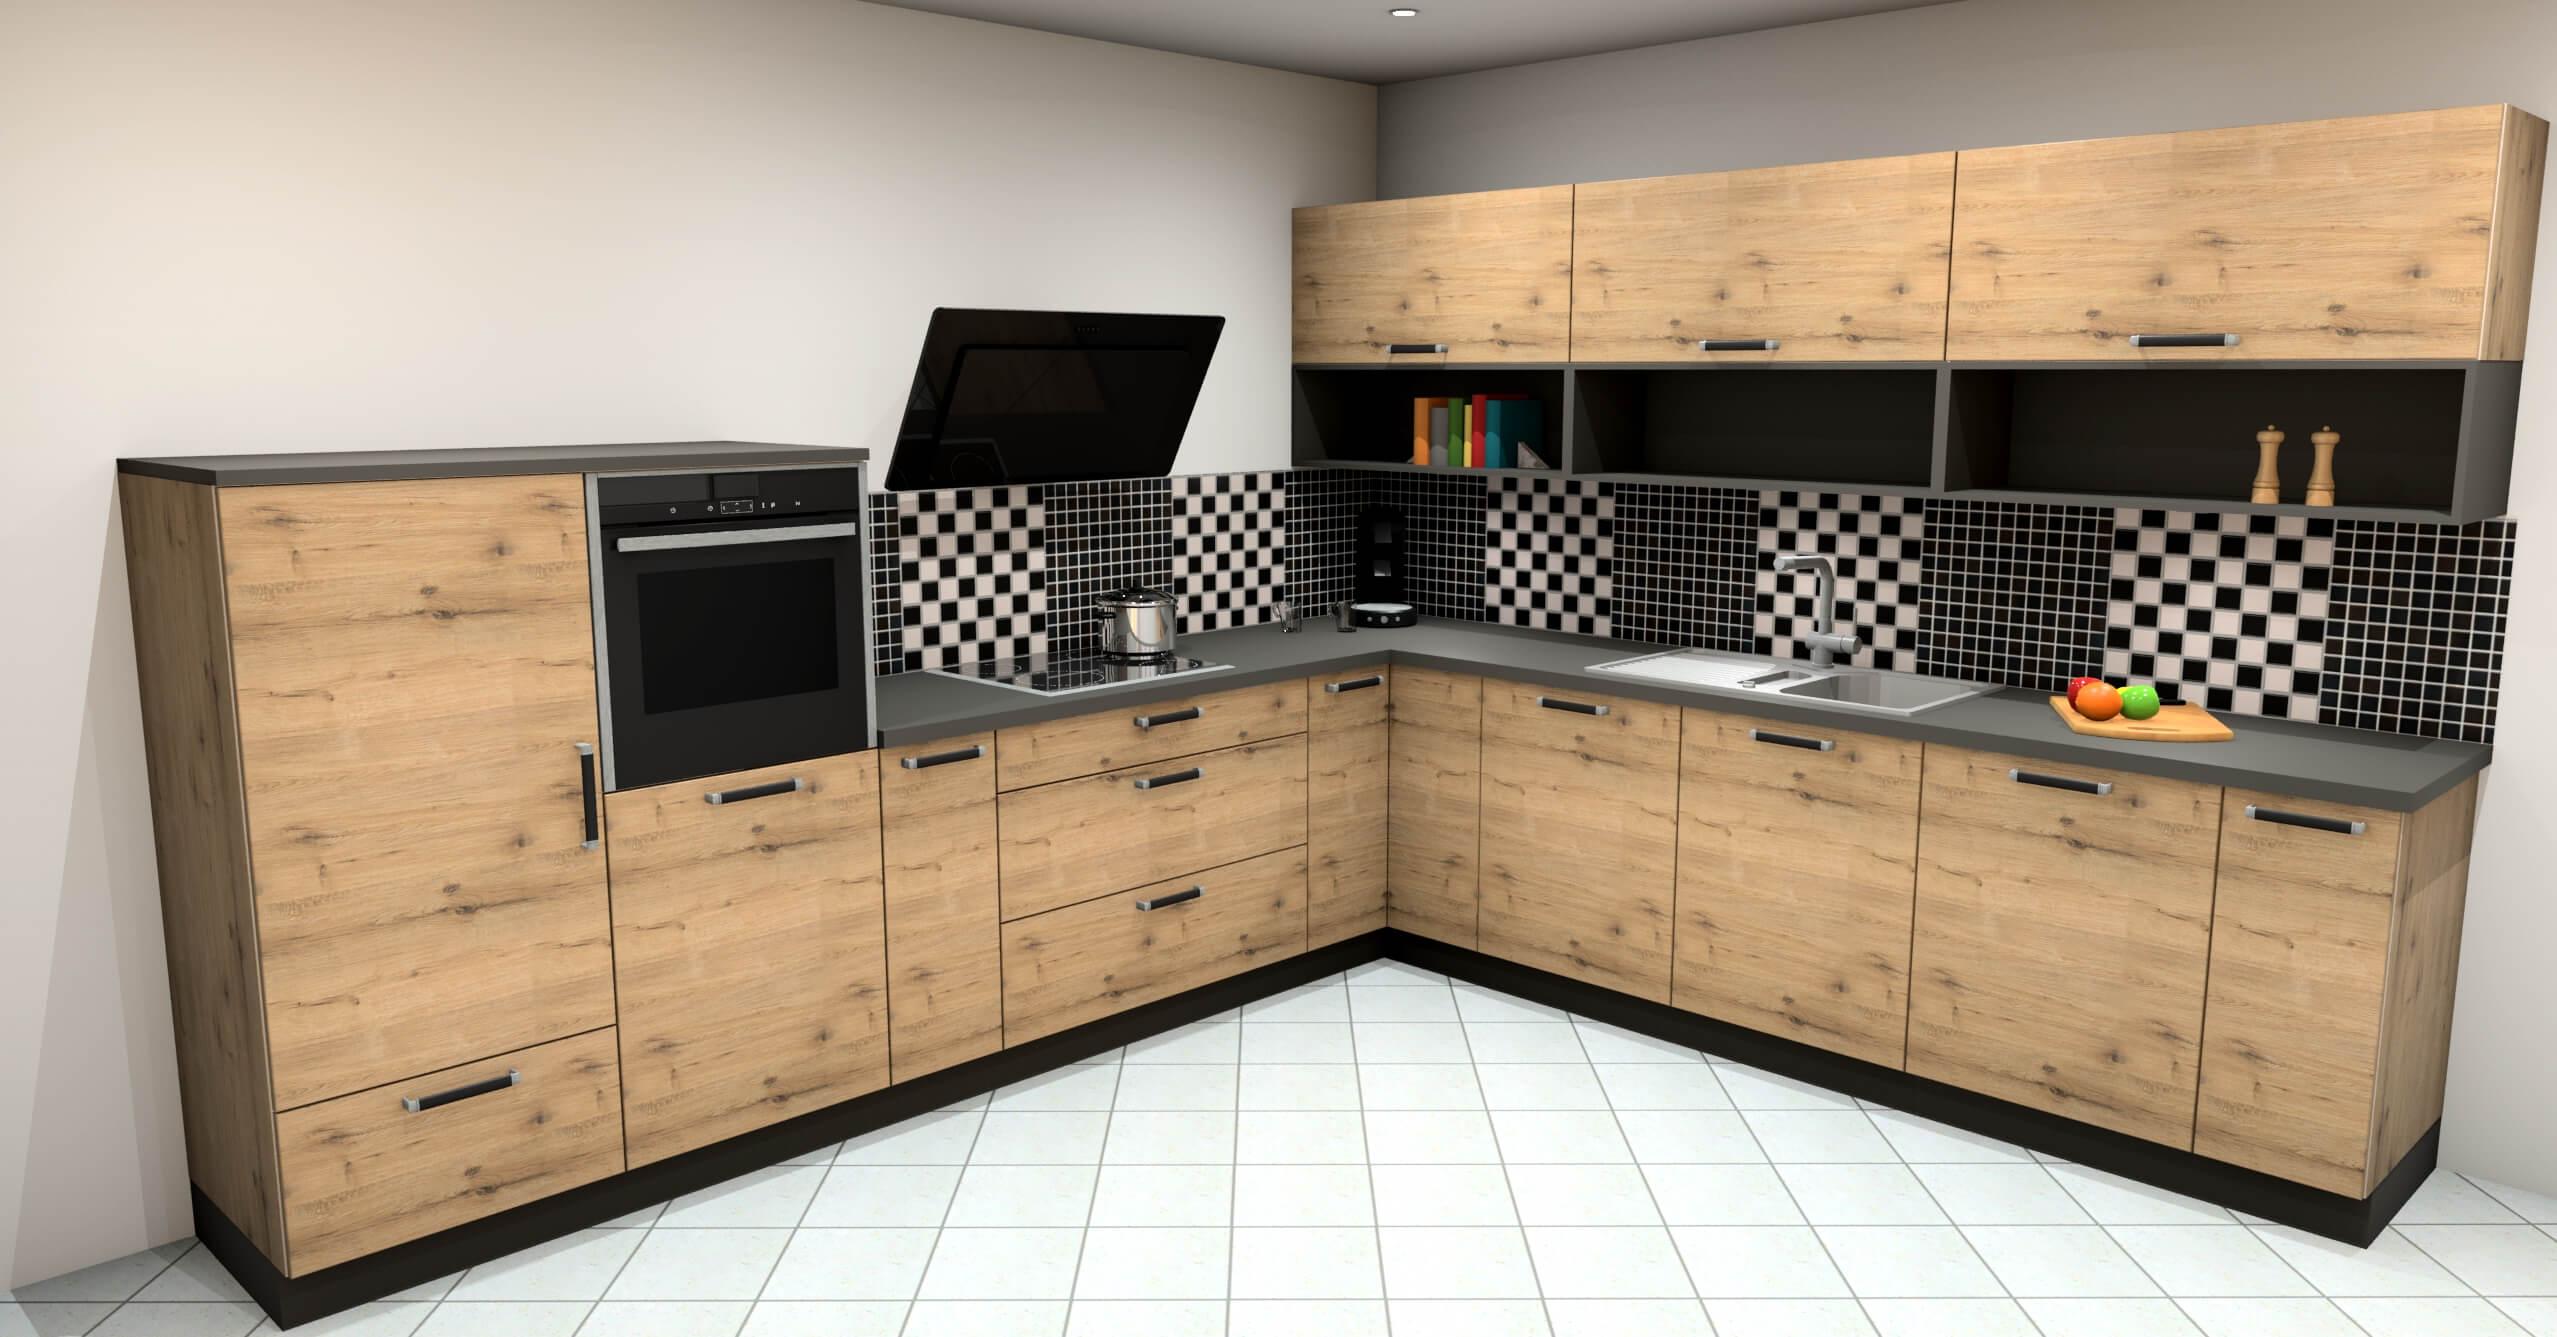 Full Size of Mbel Spanrad Nolte Kchen Modell Artwood Ikea Miniküche Einhebelmischer Küche Massivholzküche Rustikal Raffrollo Gebrauchte Obi Einbauküche Lüftungsgitter Wohnzimmer Küche Wildeiche